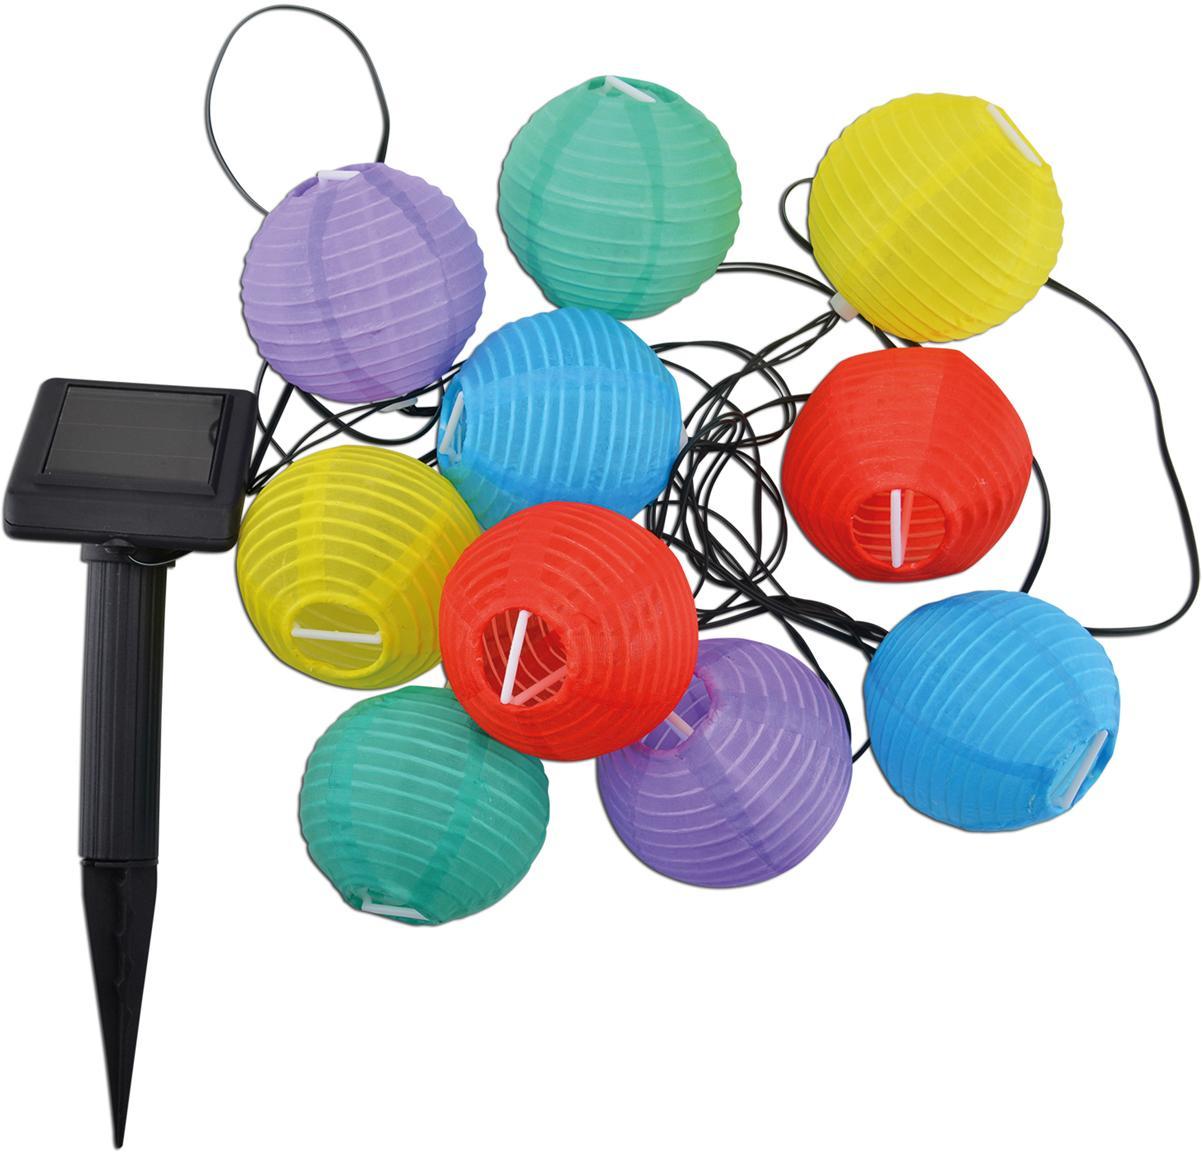 LED Lichterkette Lampion, 380 cm, Kunststoff, Mehrfarbig, L 380 cm